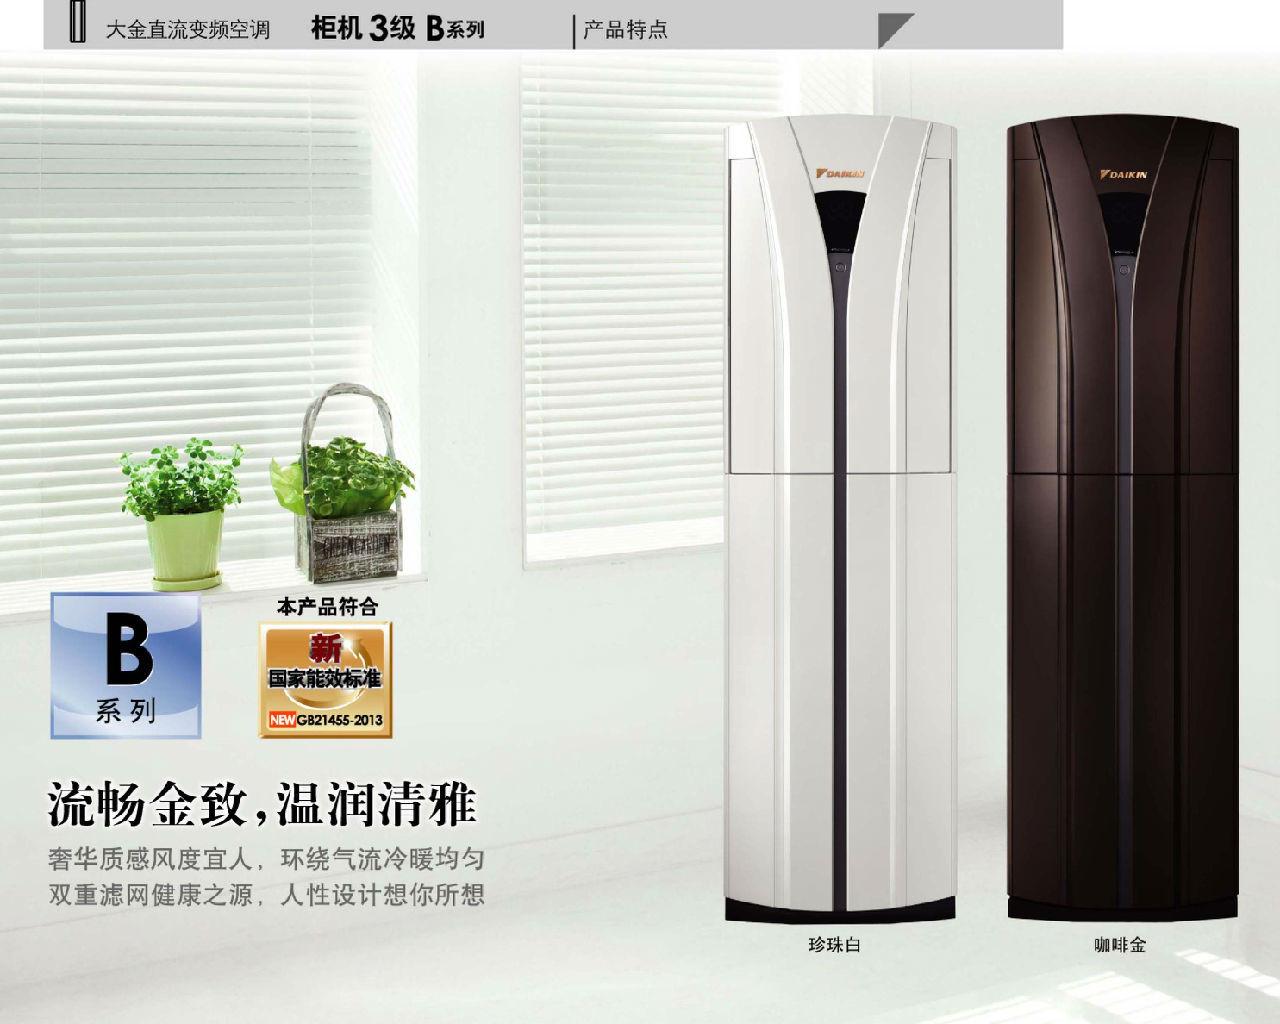 顺兴 大金b系列家用空调fvxb372nc 3级能效3匹柜机